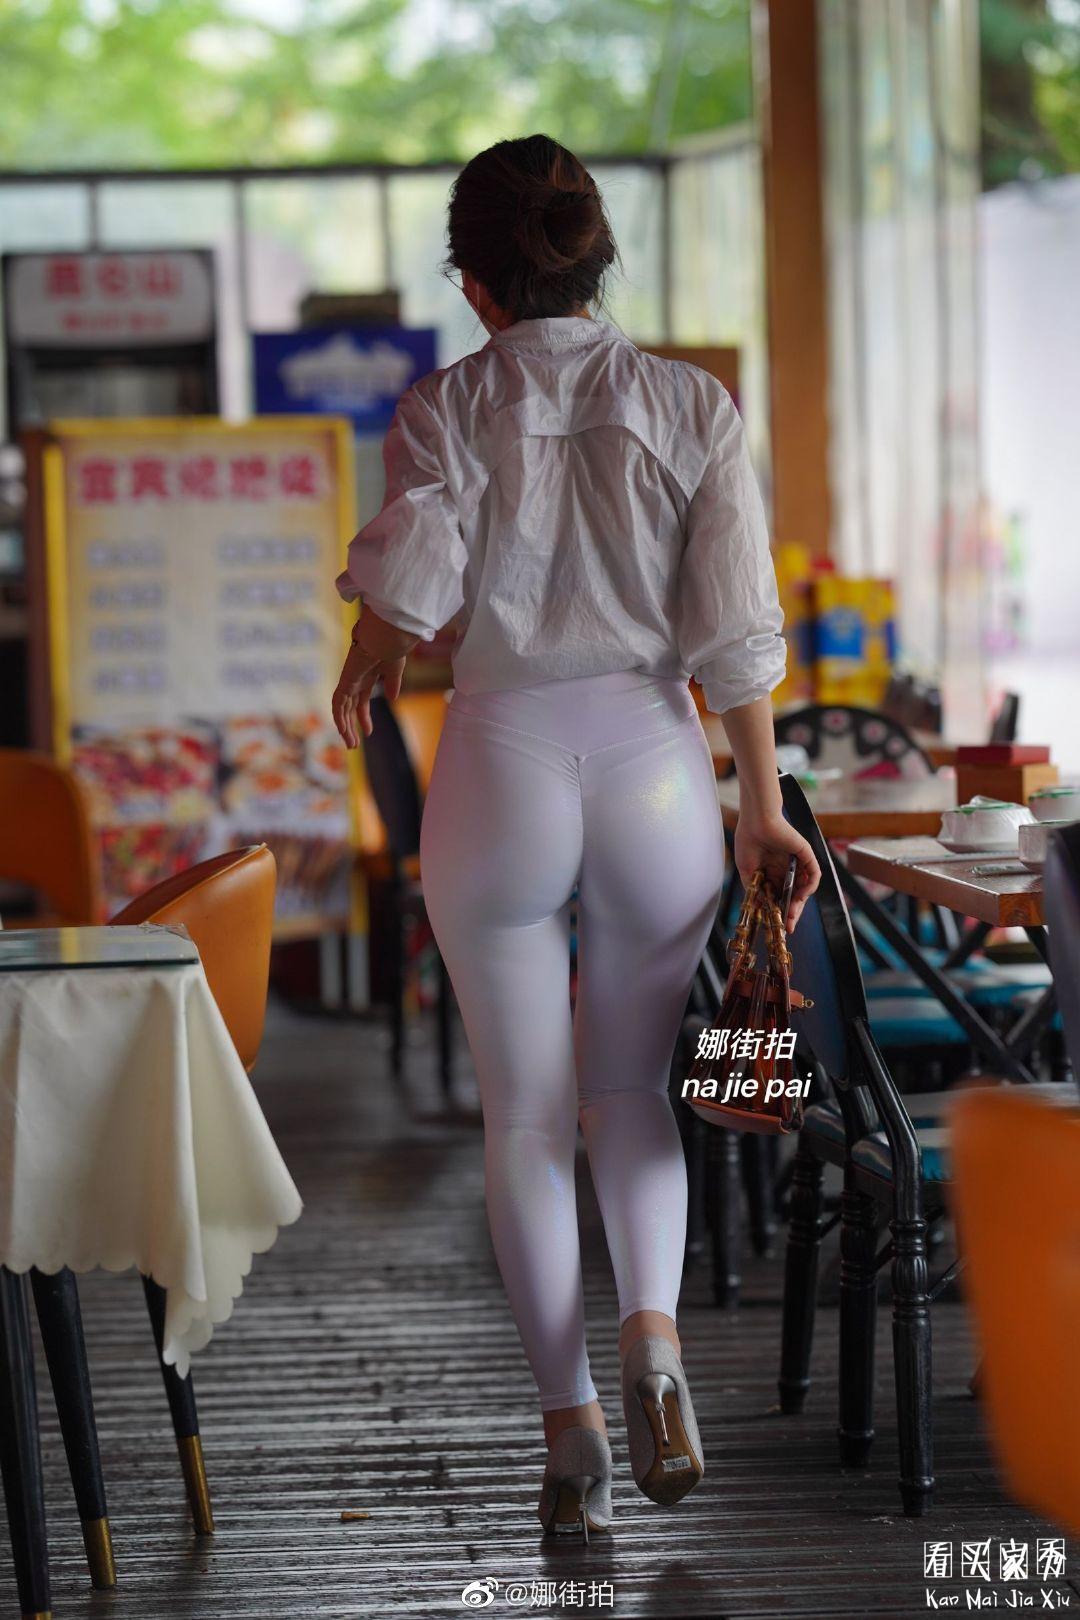 [街拍美女]运动内衣搭配微透明健身裤,简洁好看,美得直截了当10